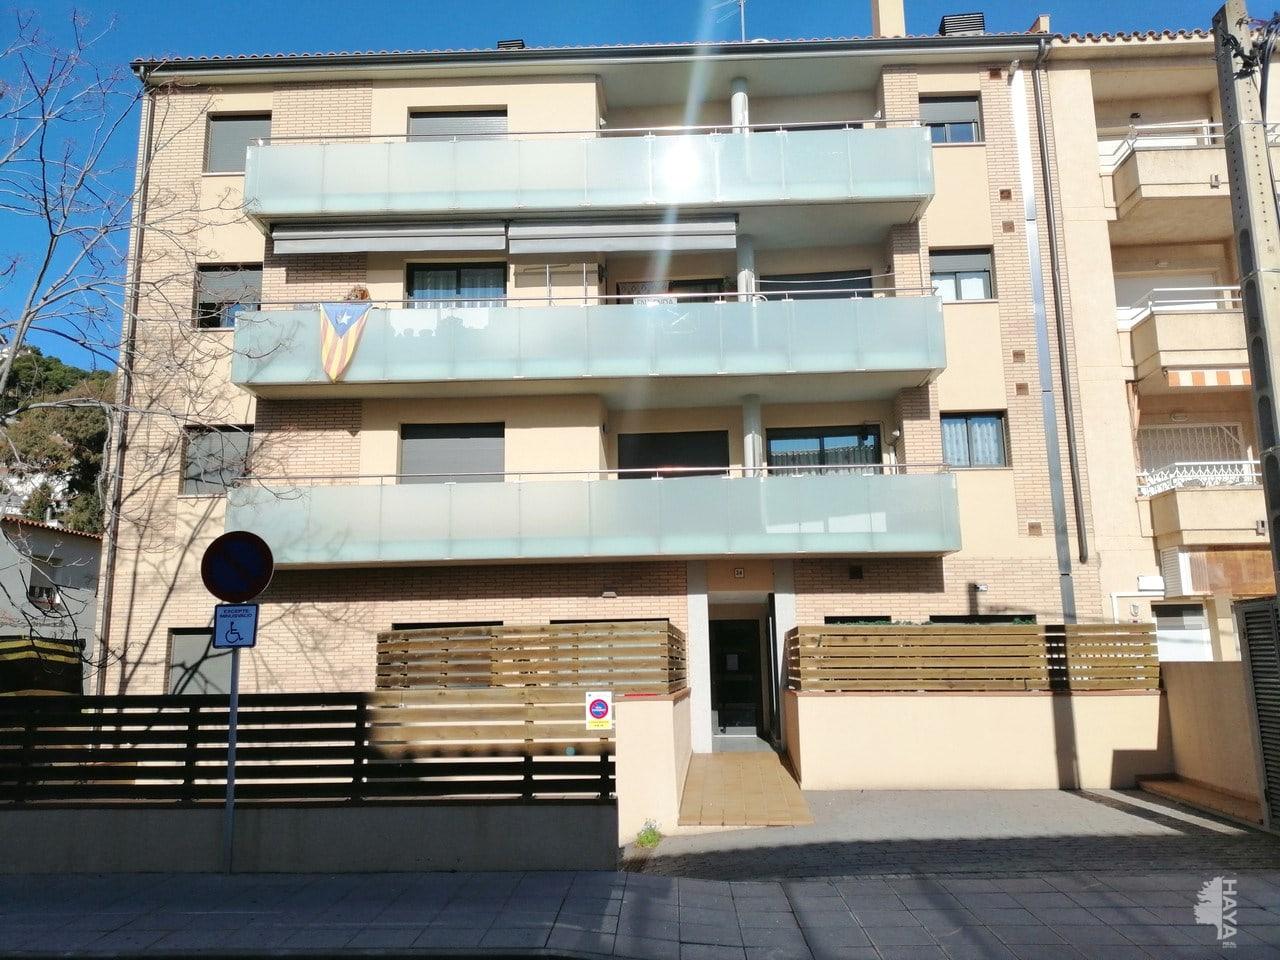 Piso en venta en Bockum, Torroella de Montgrí, Girona, Calle Torroella, 126.000 €, 61 m2